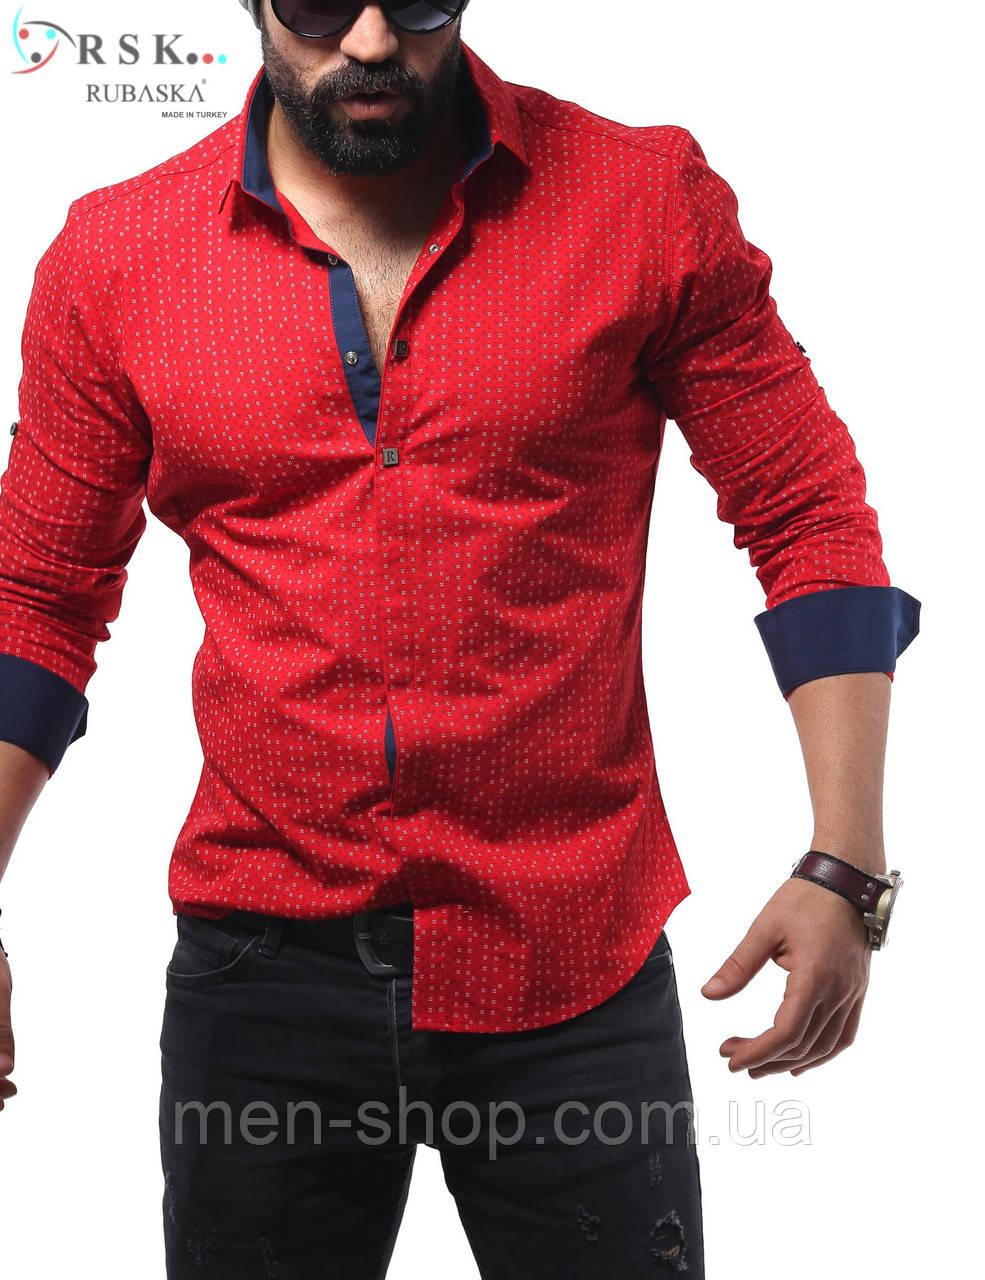 Качественная мужская рубашка красного цвета, в мелкий горошек